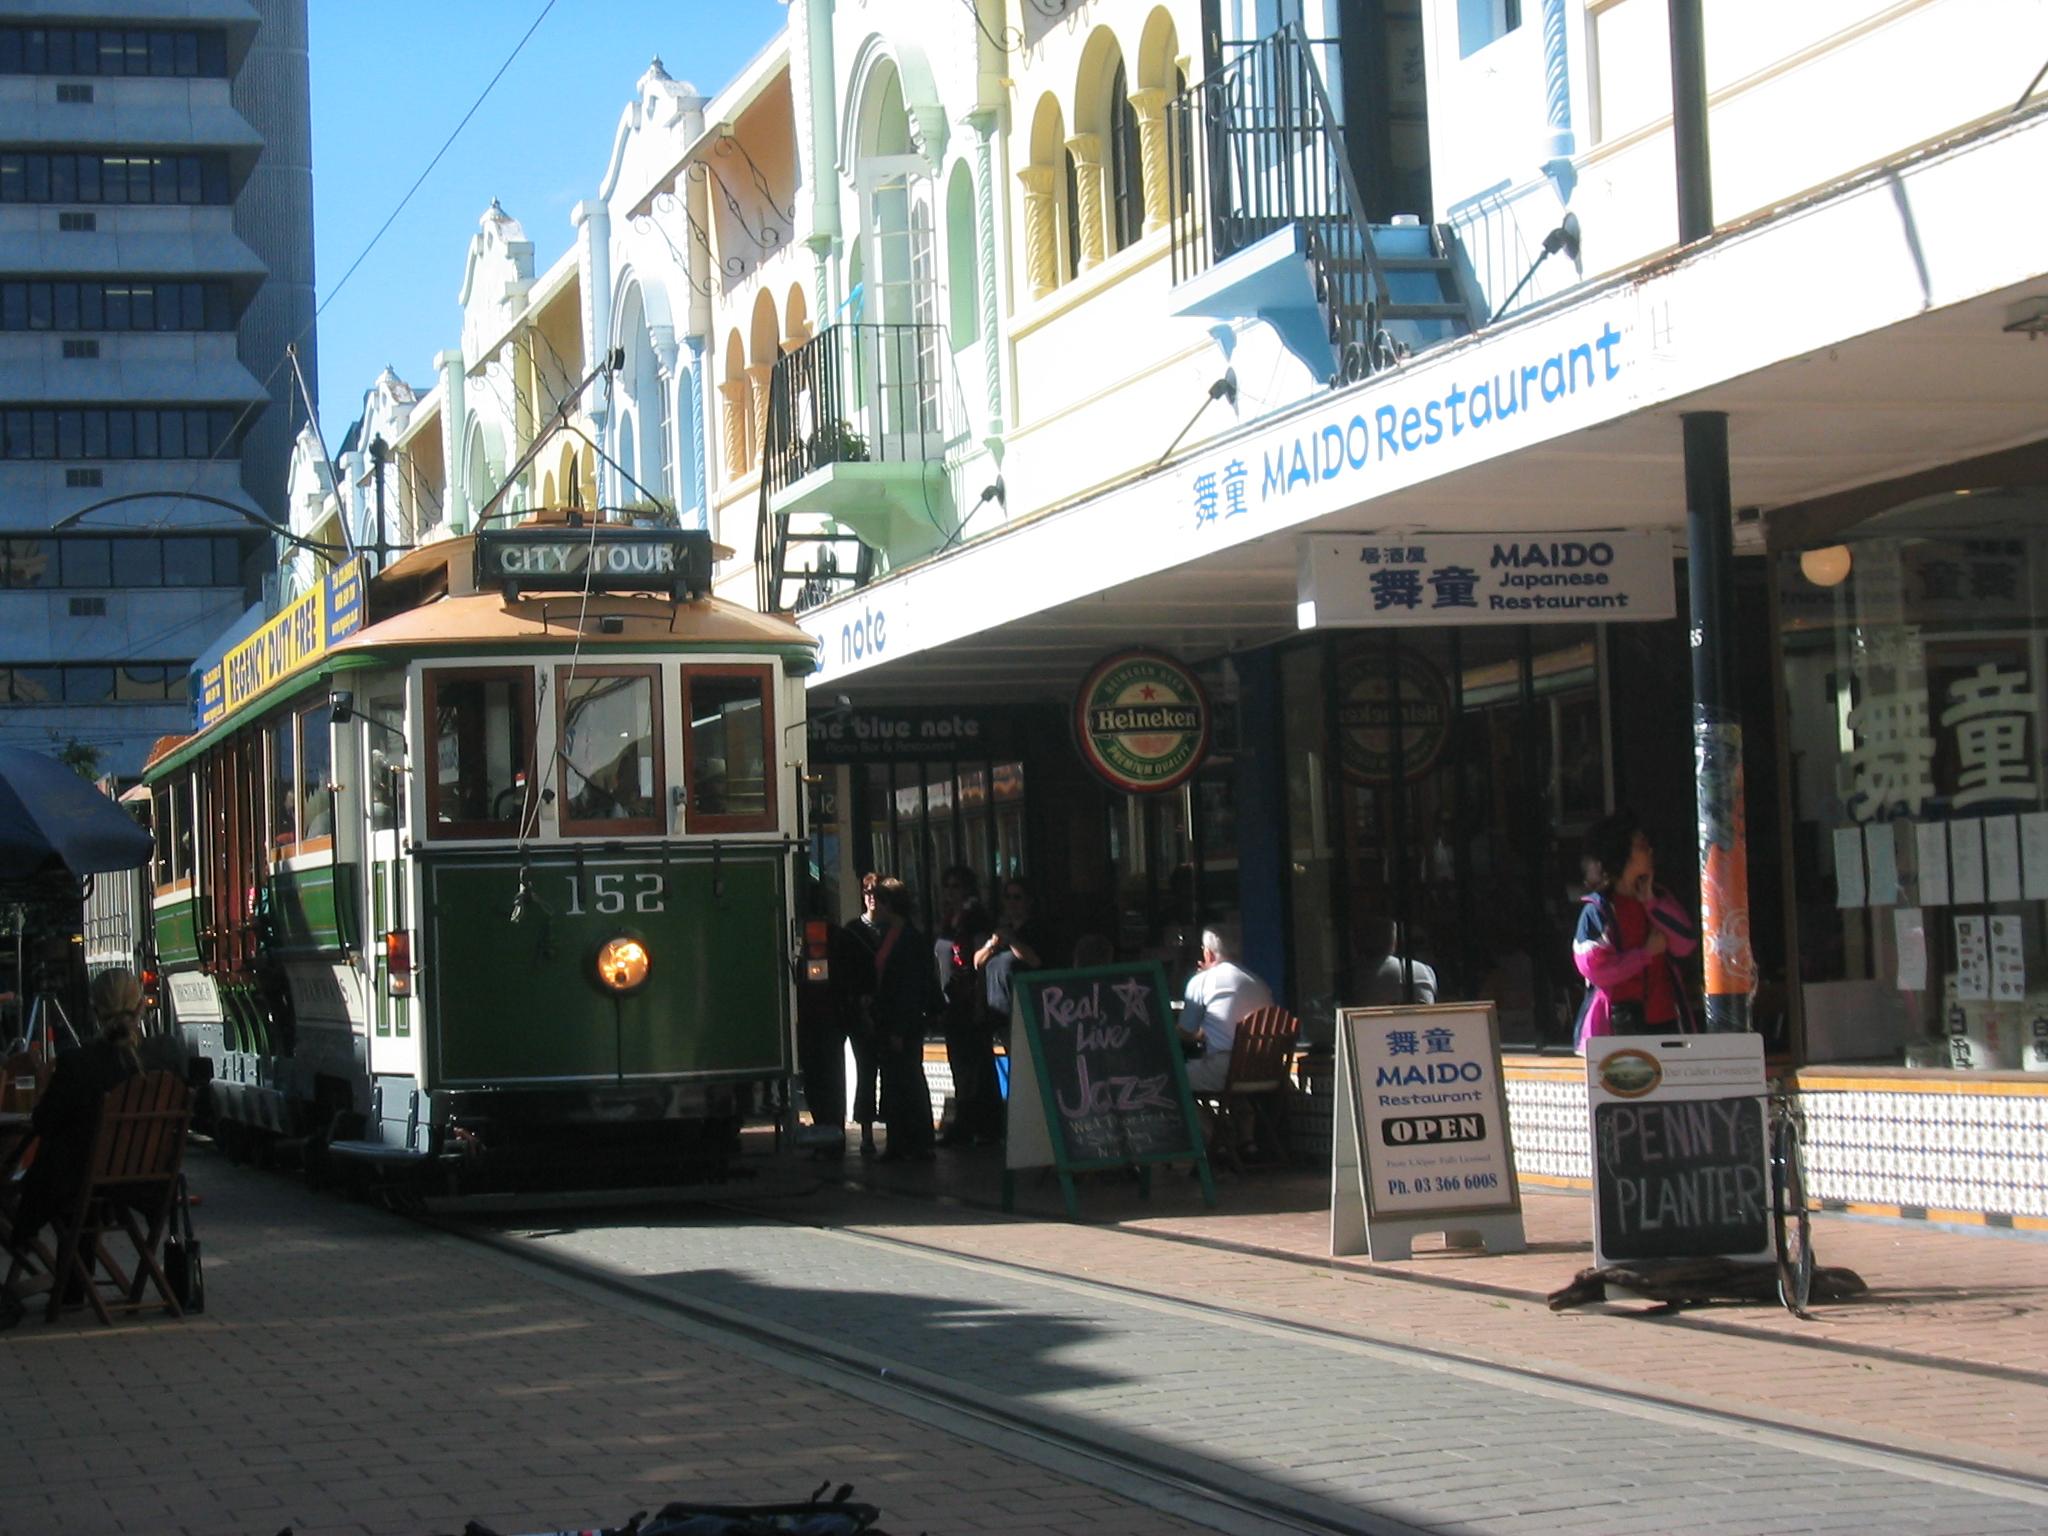 tram-in-town.jpg